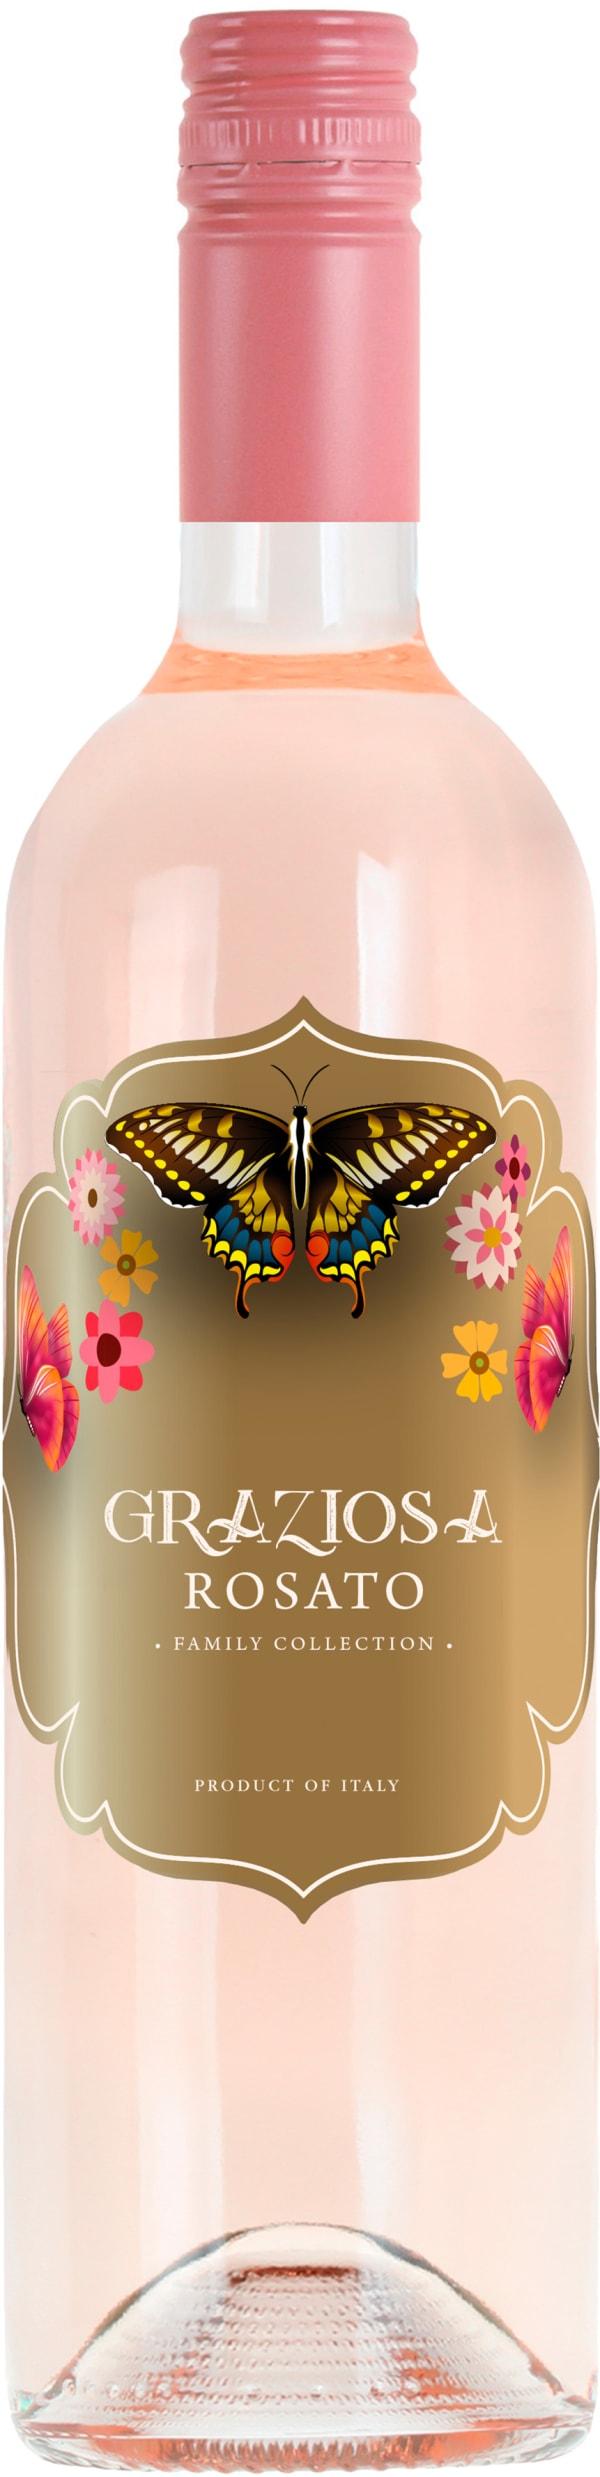 Graziosa Rosato 2018